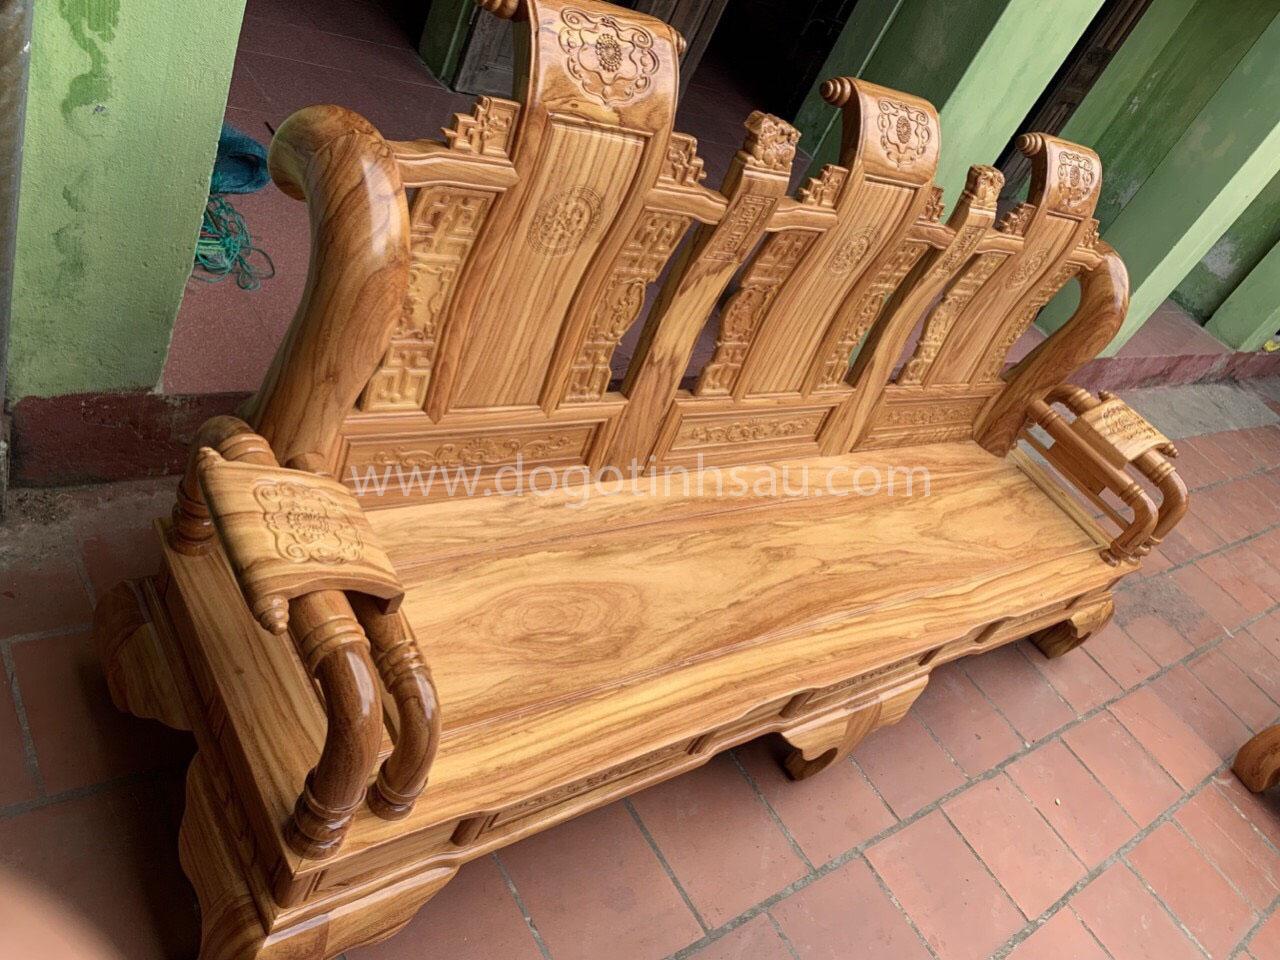 ghe tan thuy hoang - Bộ bàn ghế Tần Thủy Hoàng tay 12 gỗ gõ đỏ